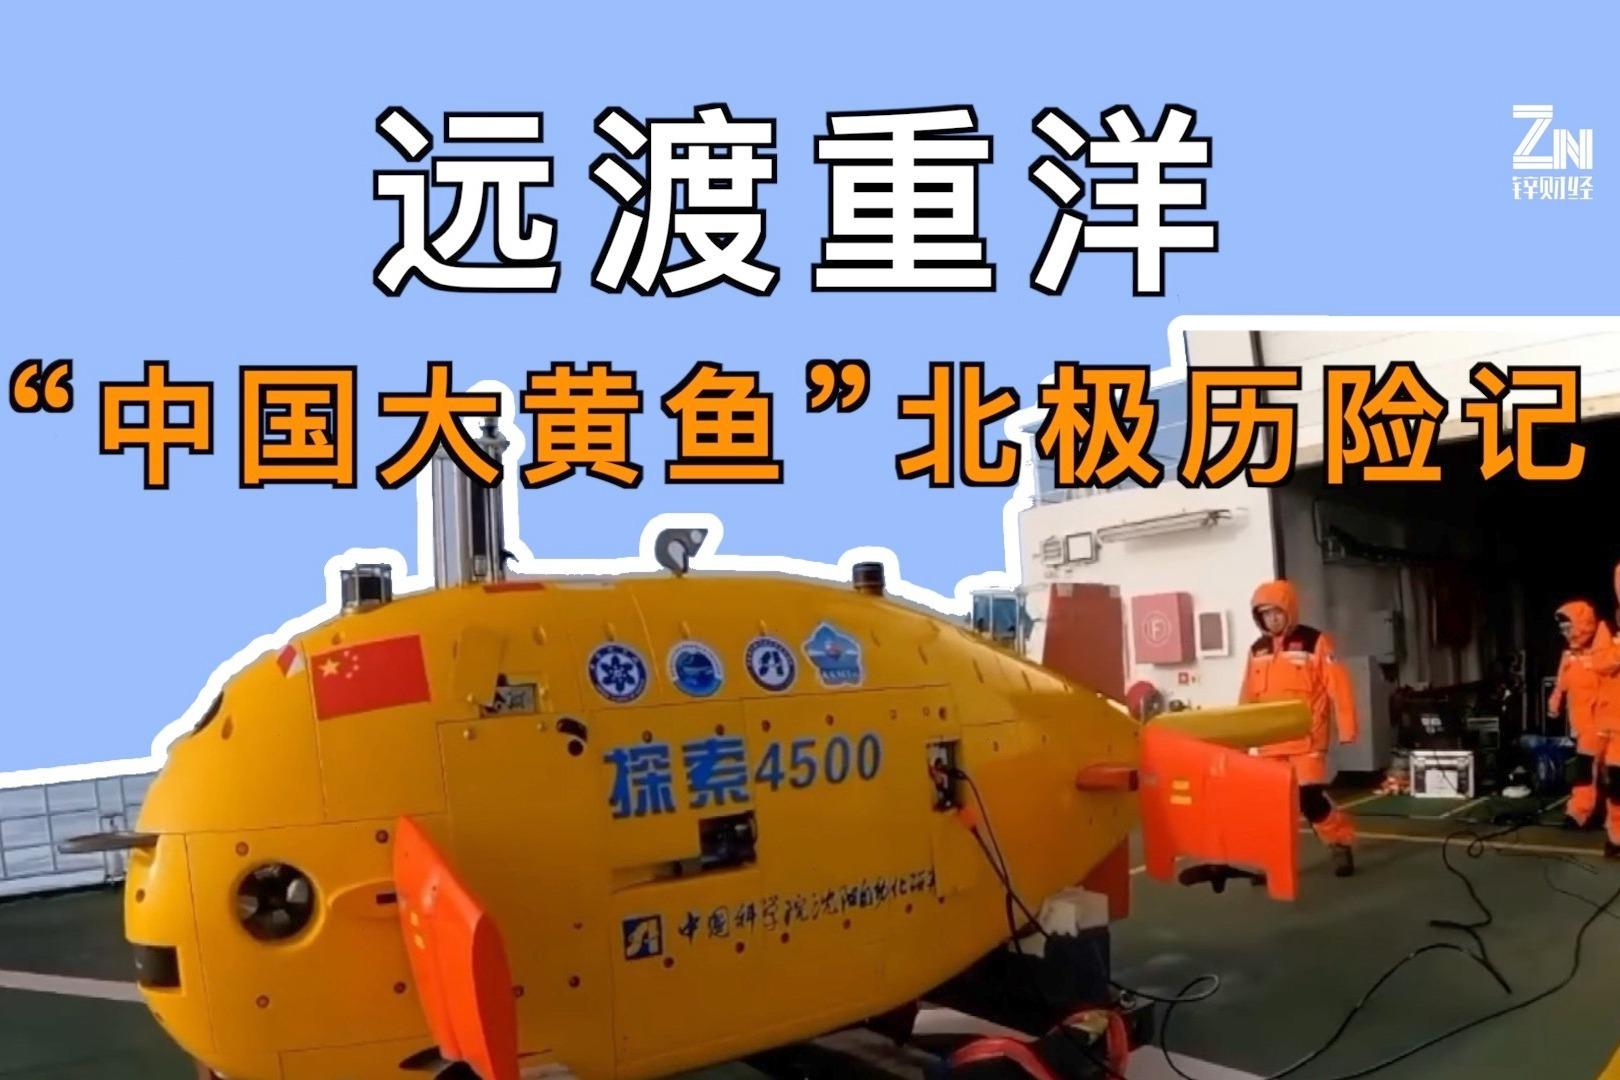 大国重器!中国自主水下机器人成功探索北极海底